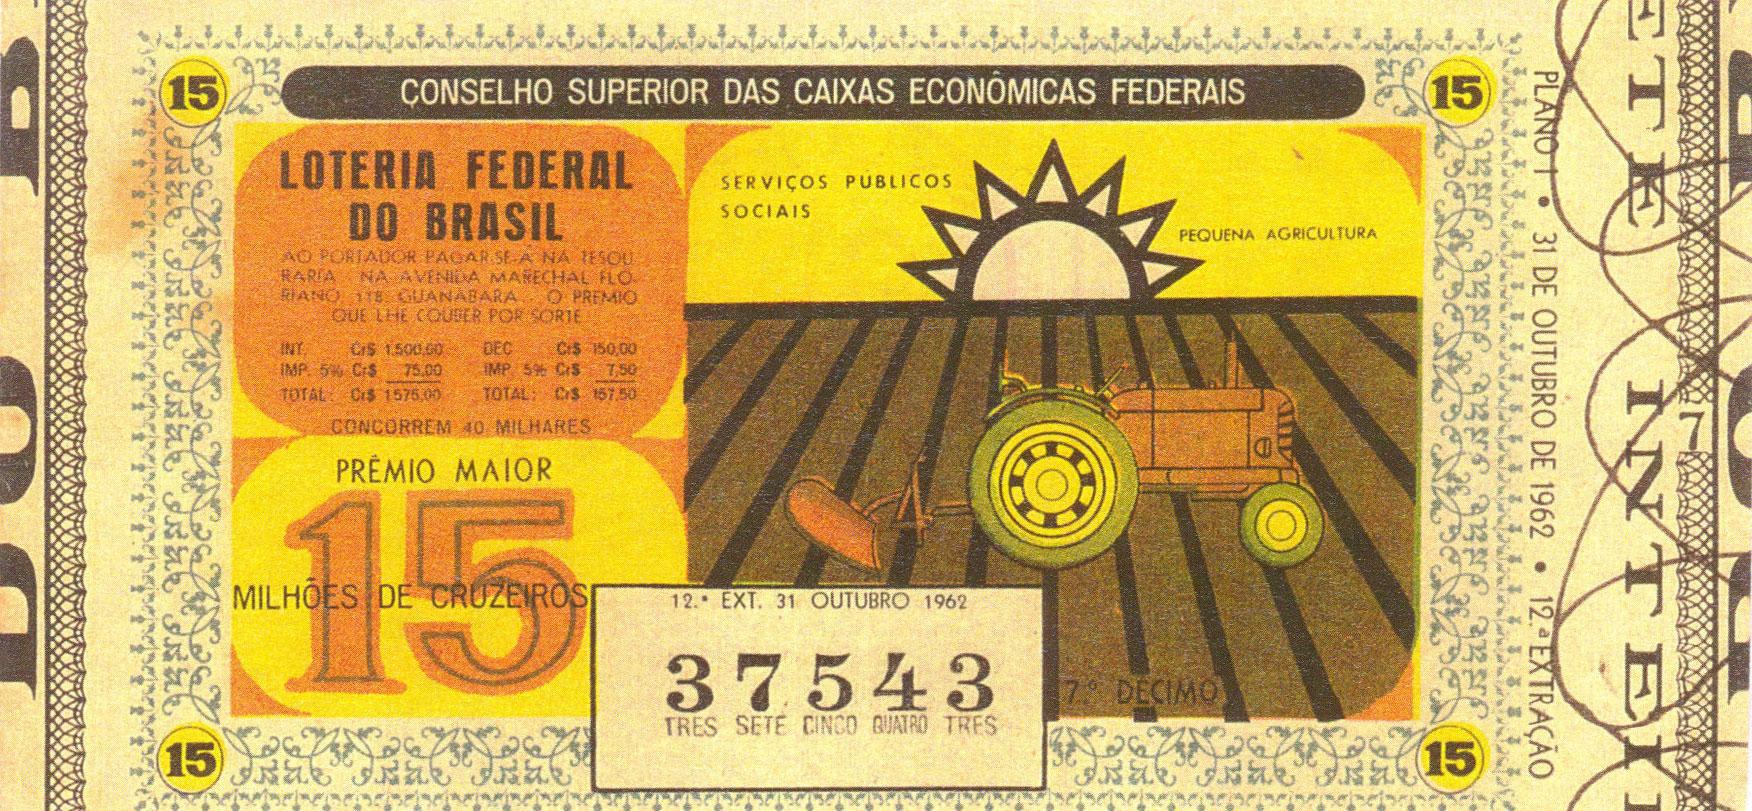 Extração 0012 - Serviços Públicos Sociais - Pequena Agricultura